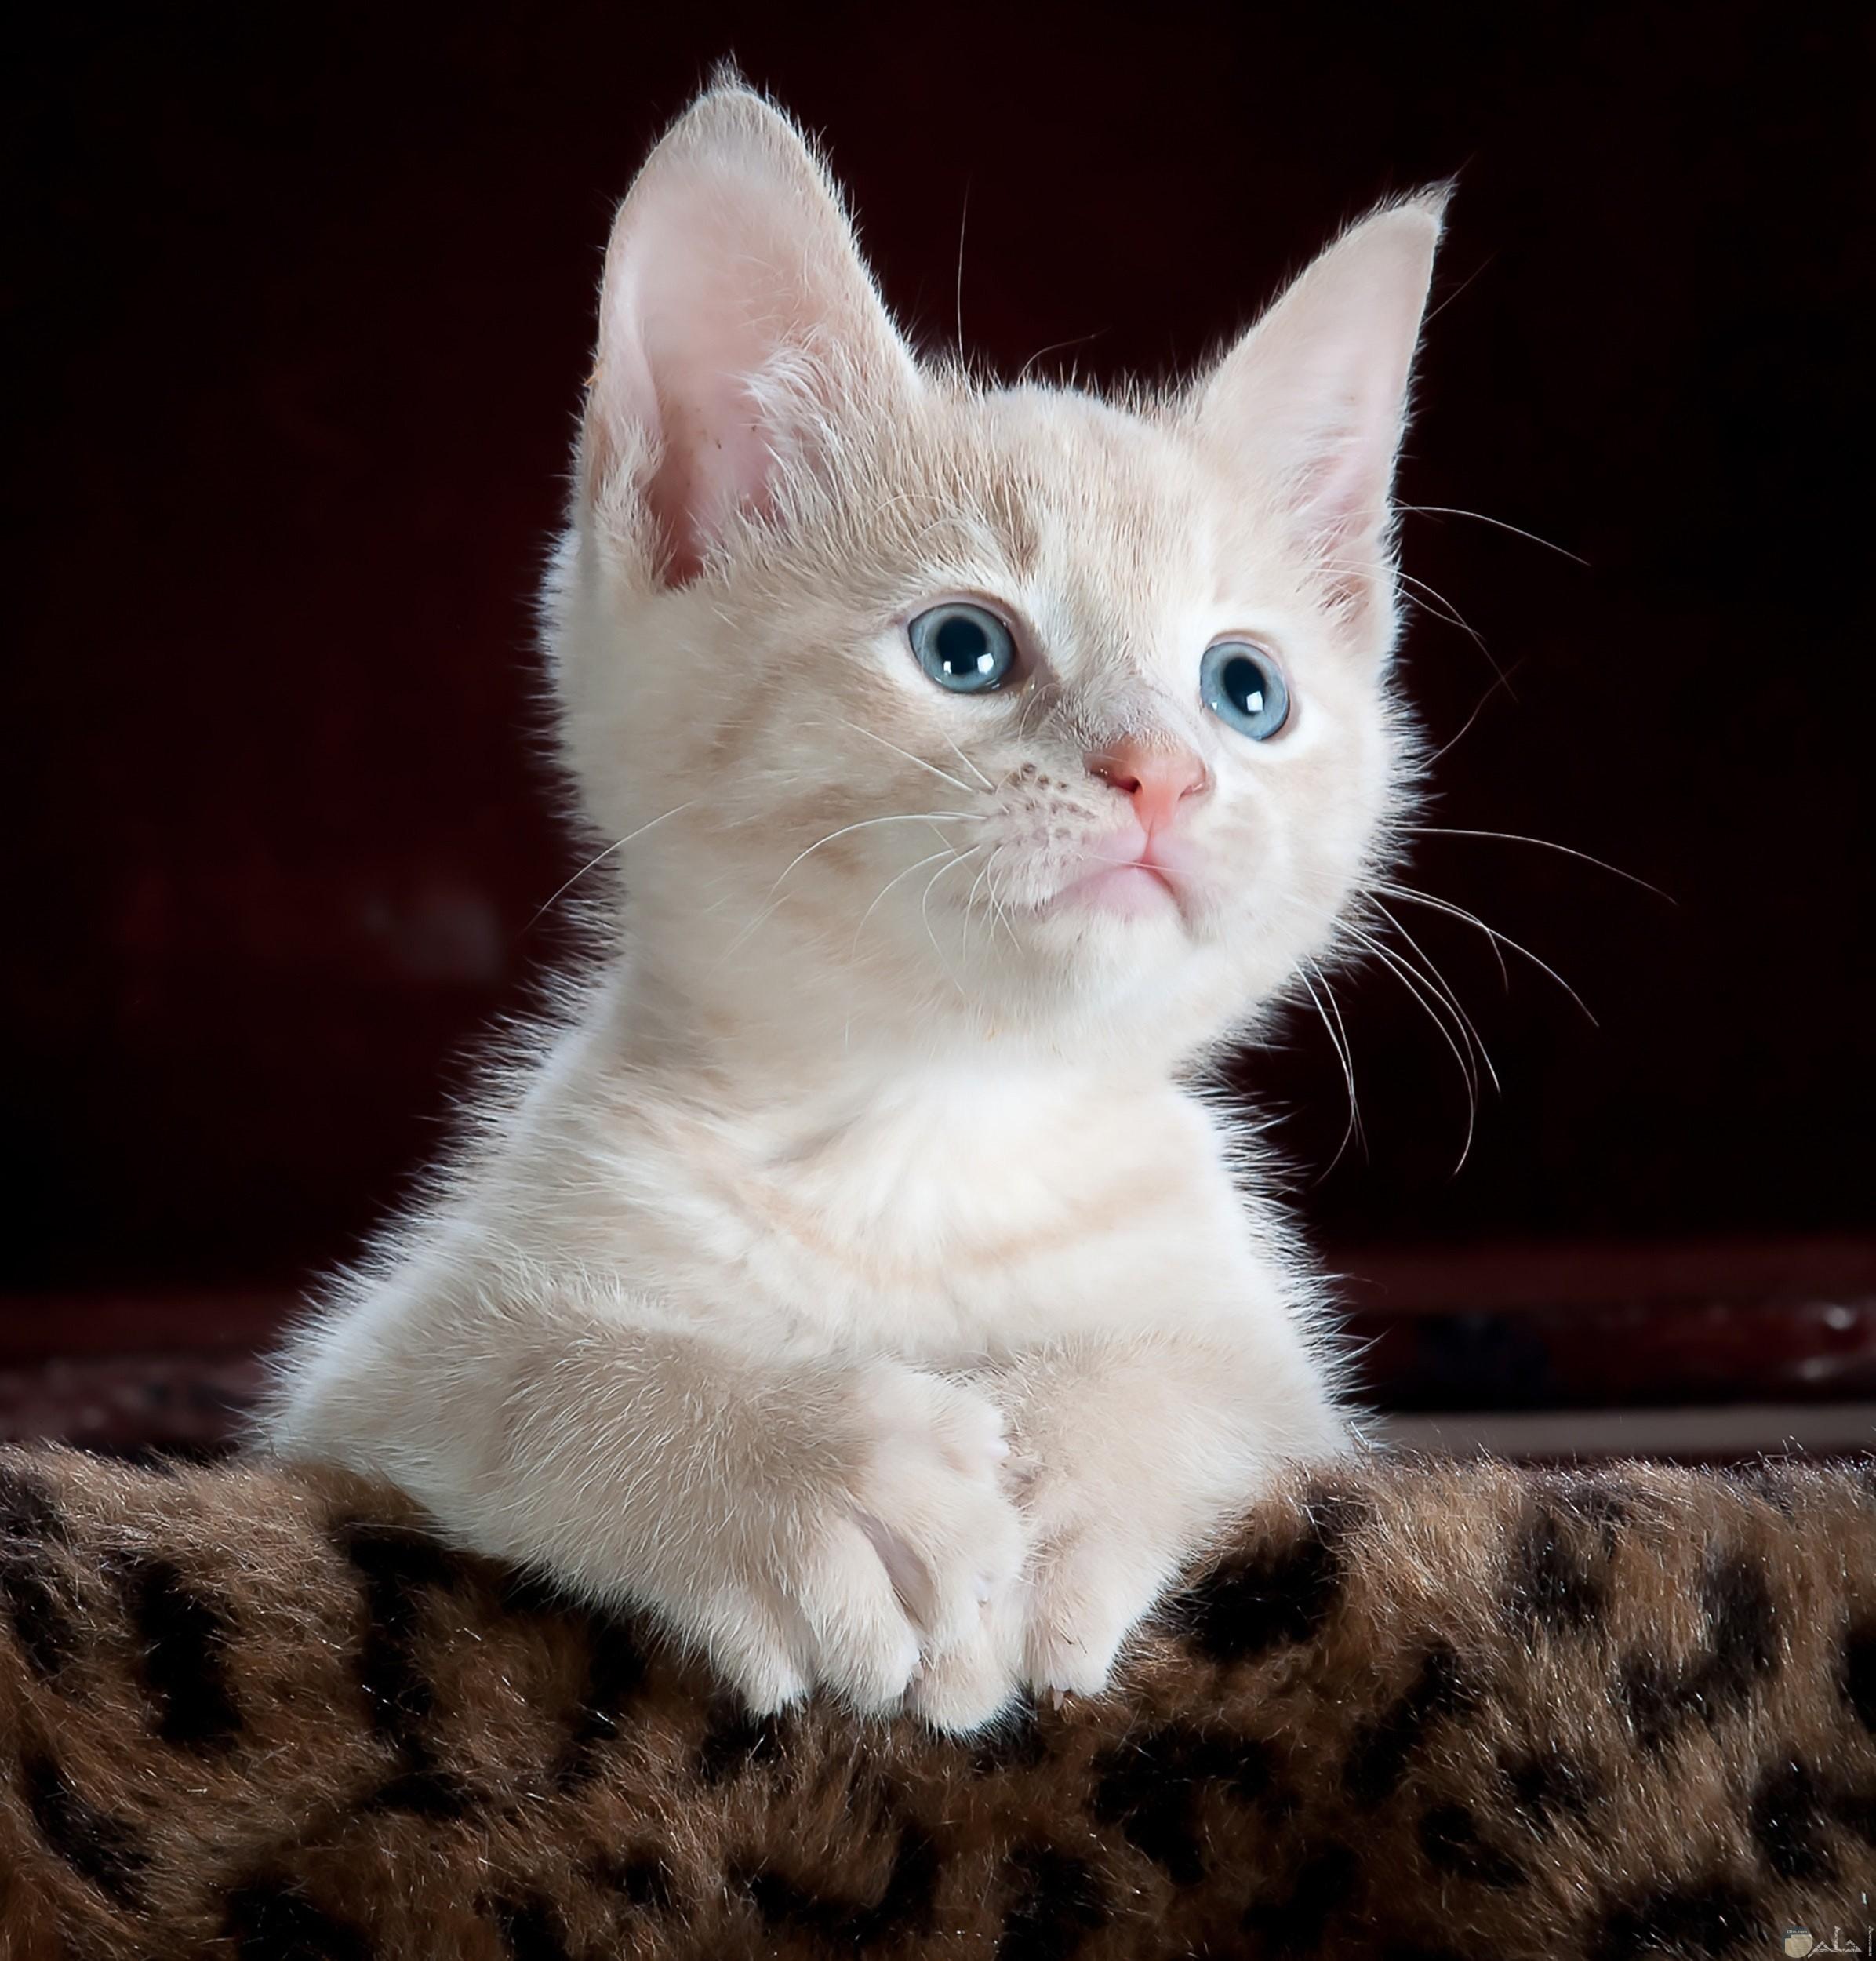 صورة قط أبيض حلوة بعيون زرقاء جميلة جدا